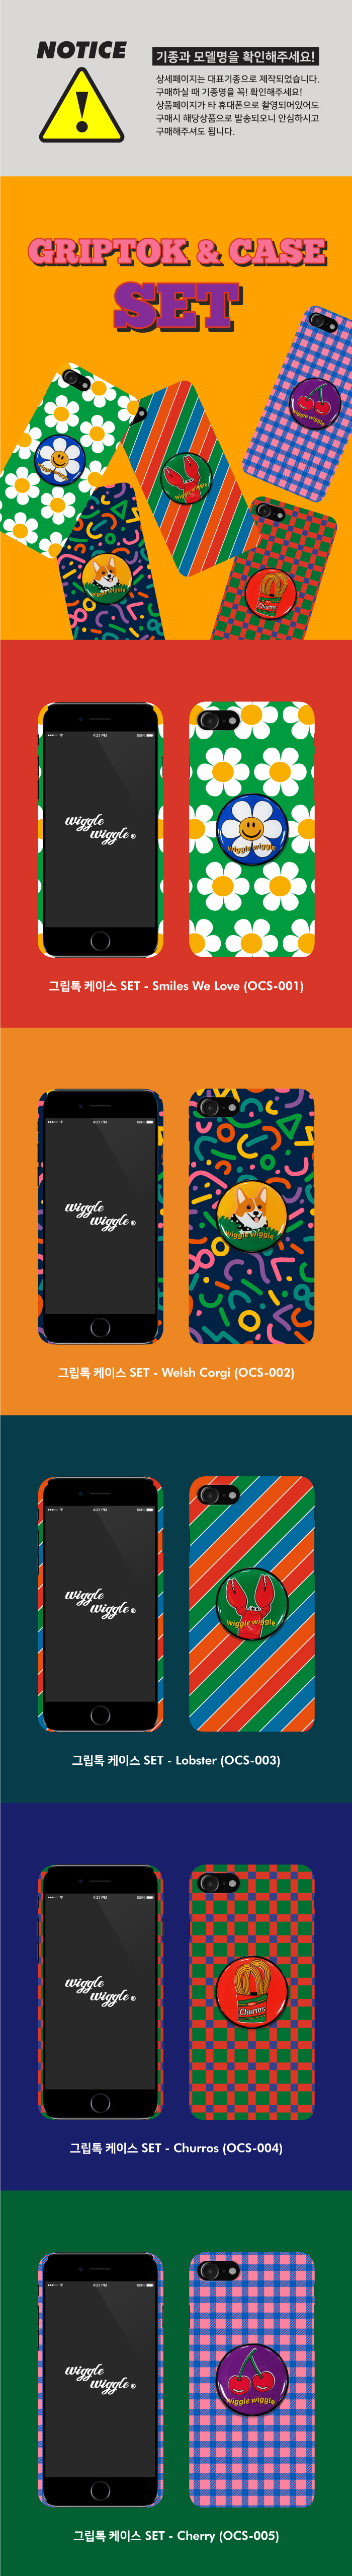 위글위글(WIGGLE WIGGLE) 메이커스 그립톡 하드케이스SET 시즌1(갤럭시)